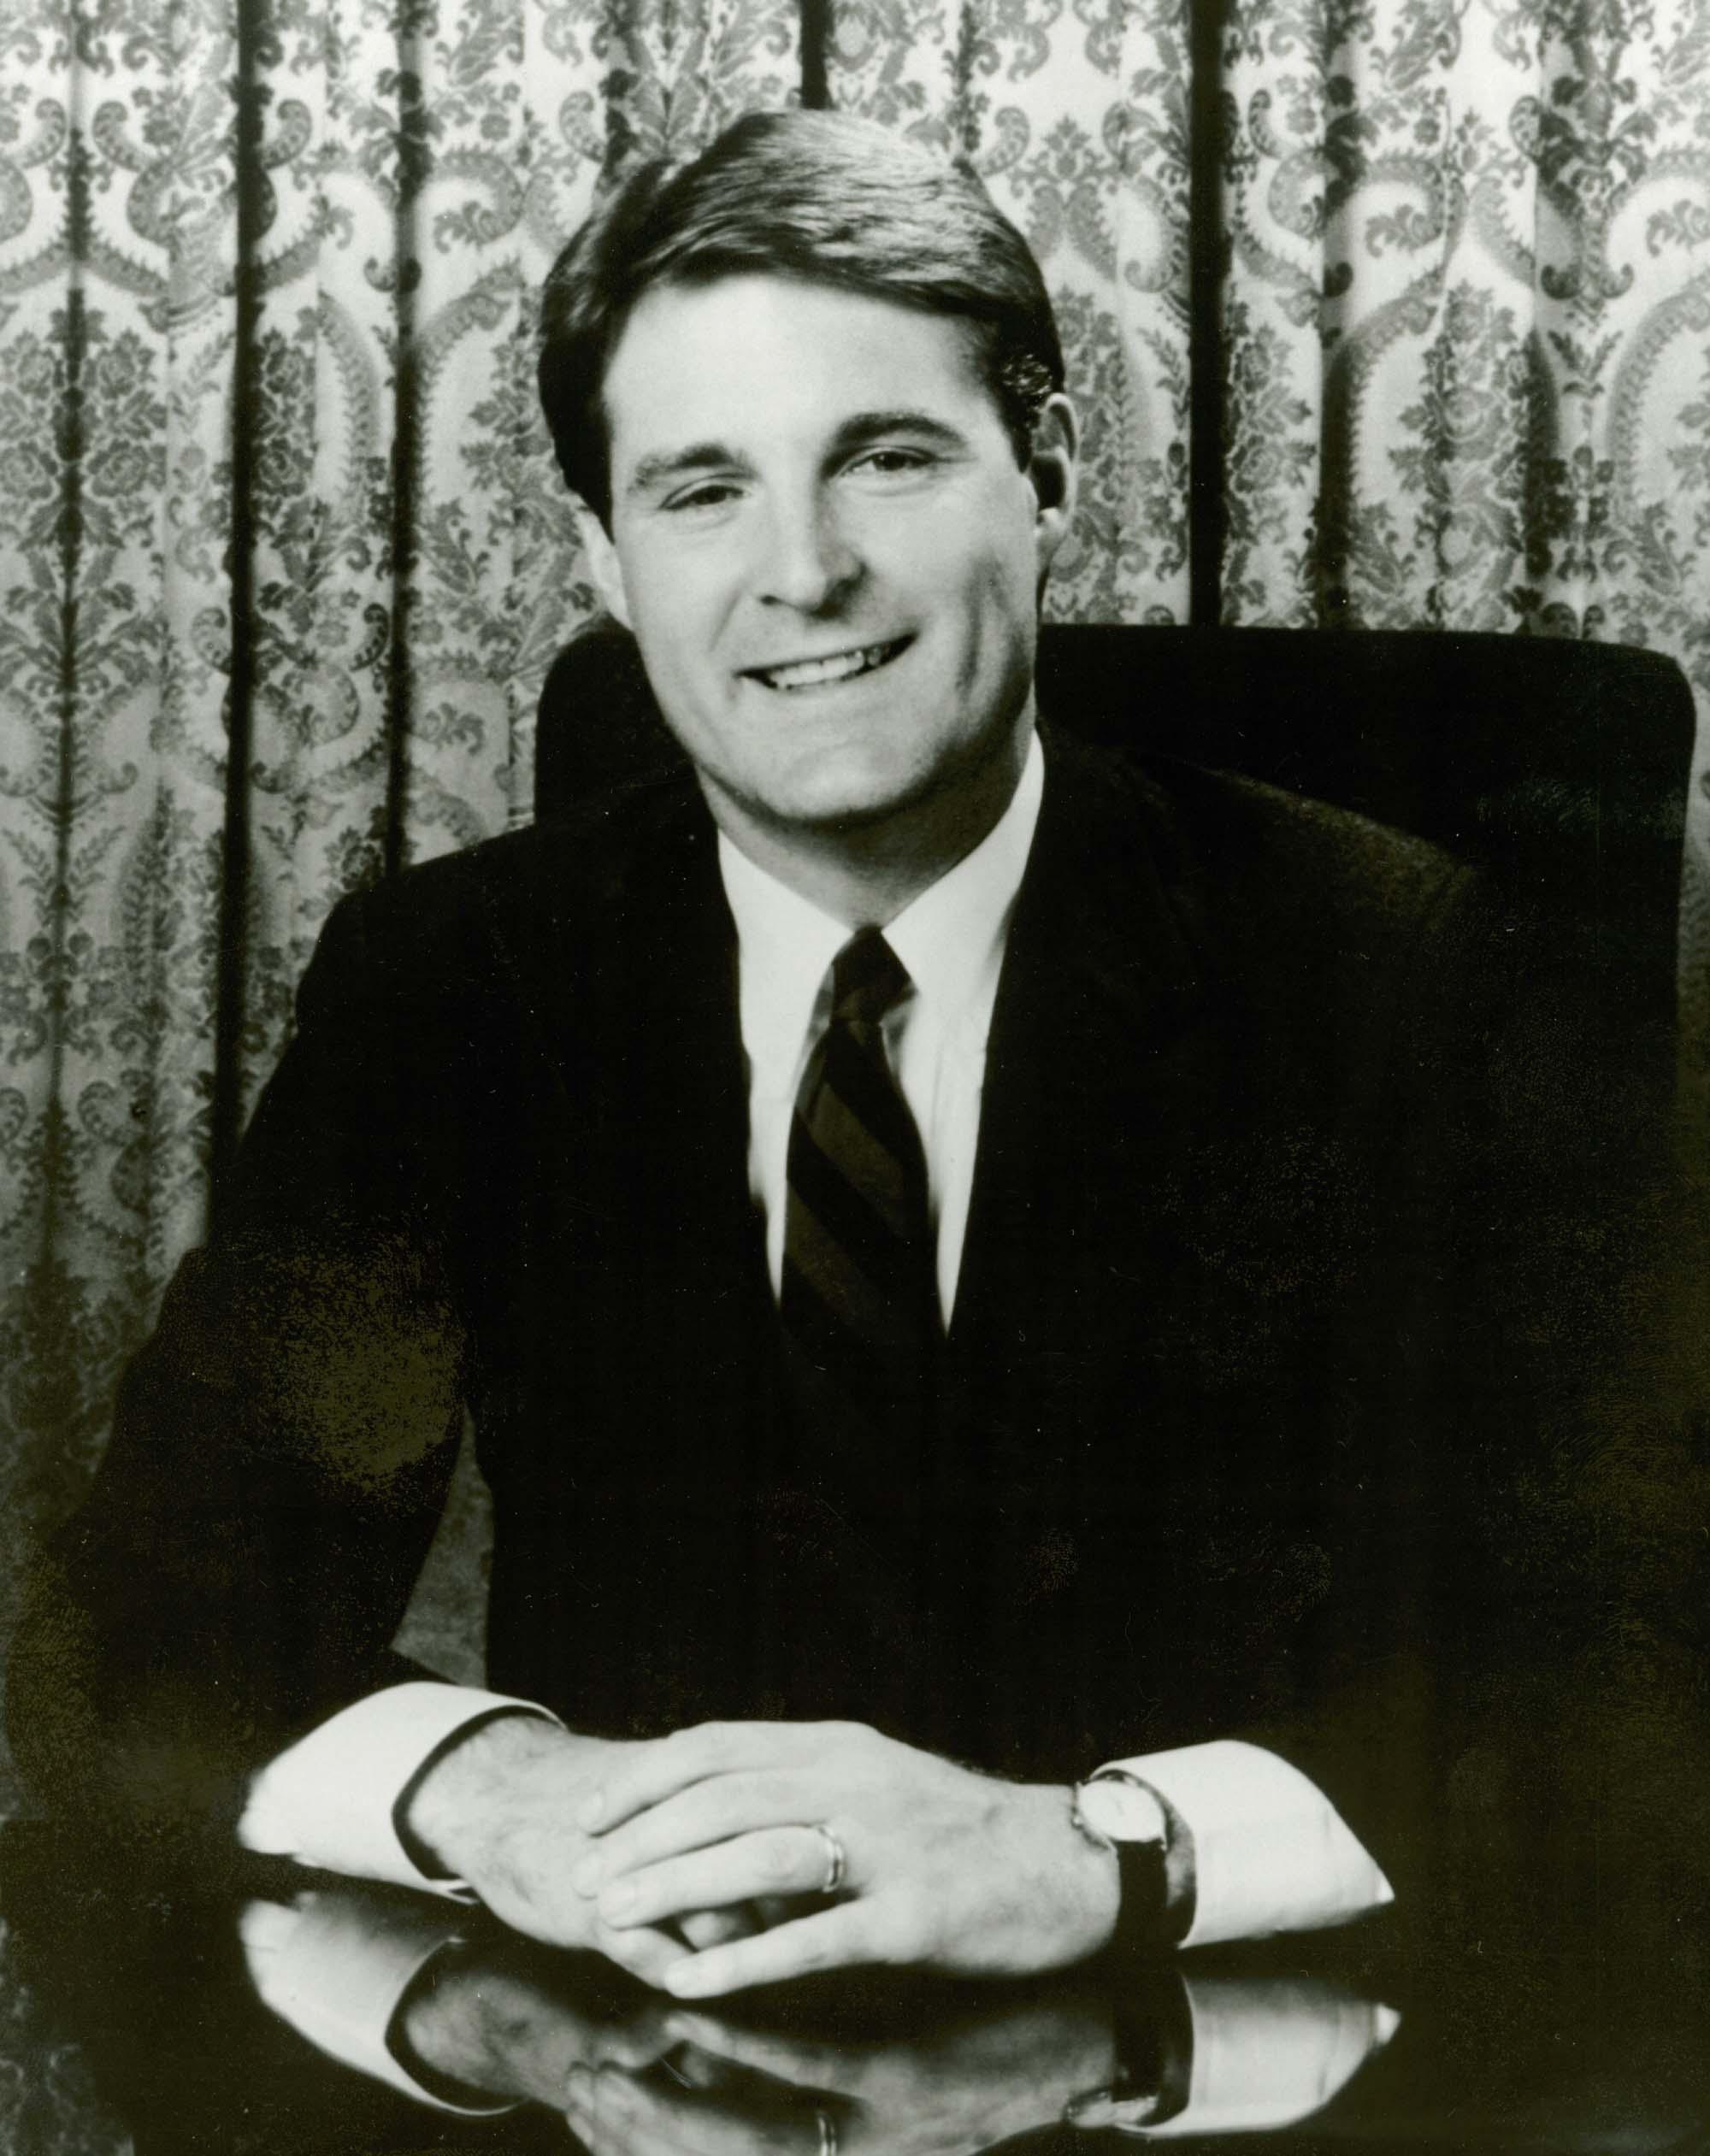 Governor & Senator Evan Bayh